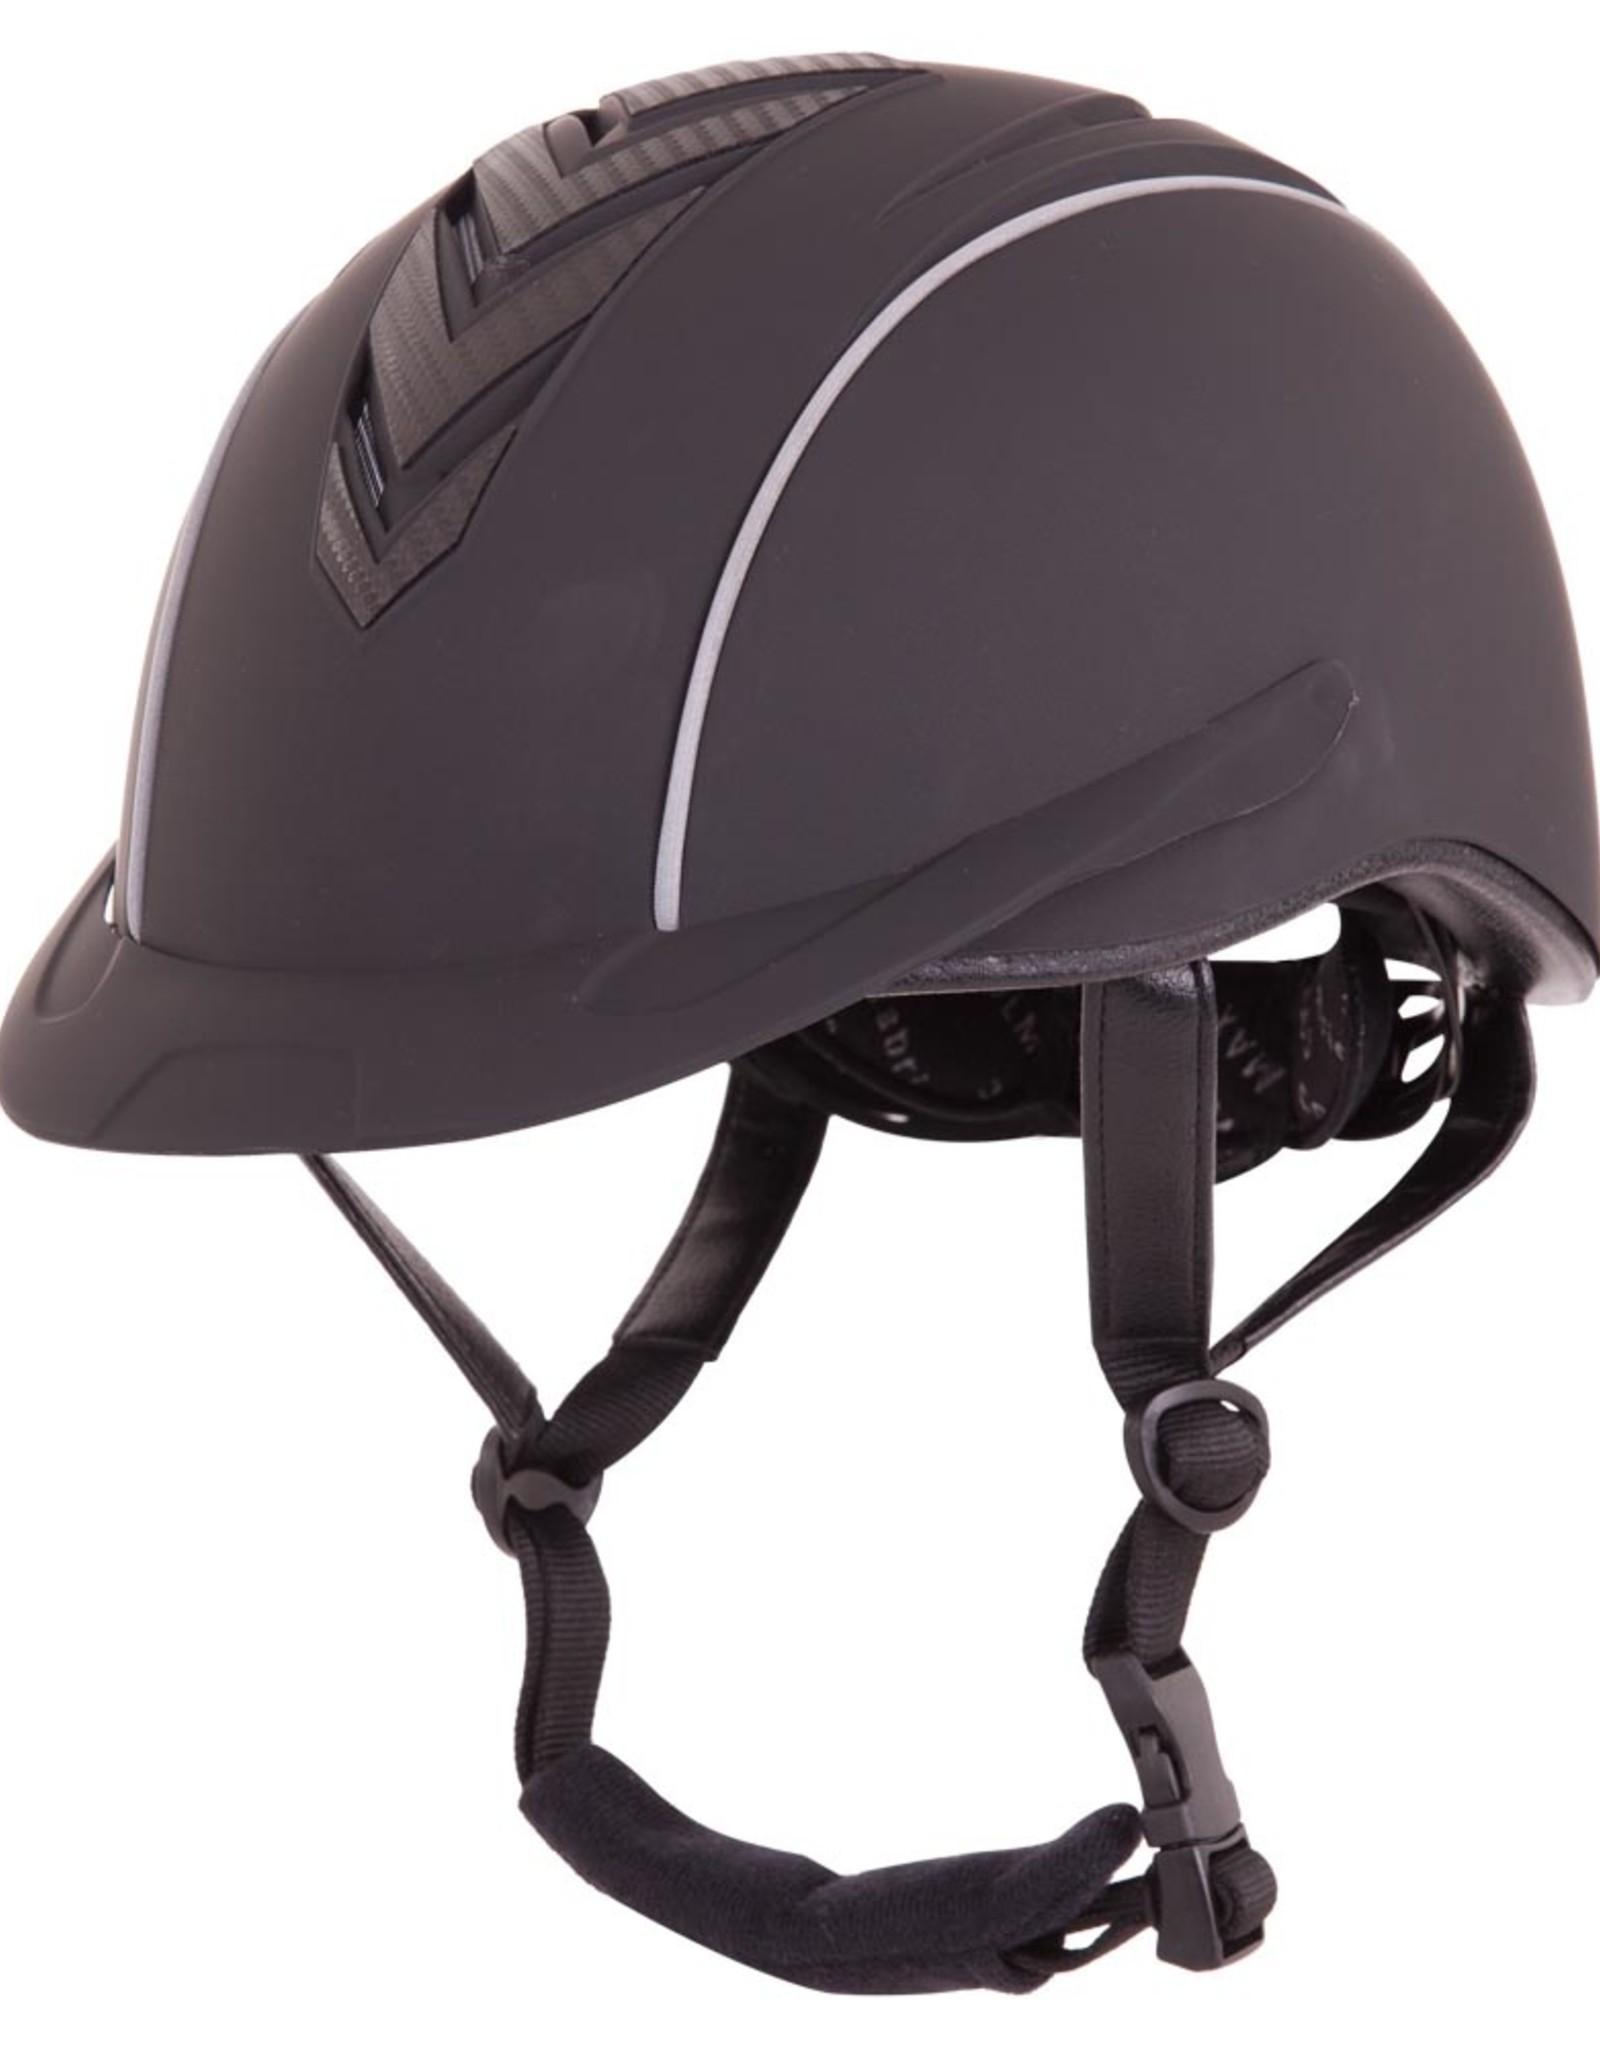 BR BR rijhelm Viper X-Pro Carbon VG1